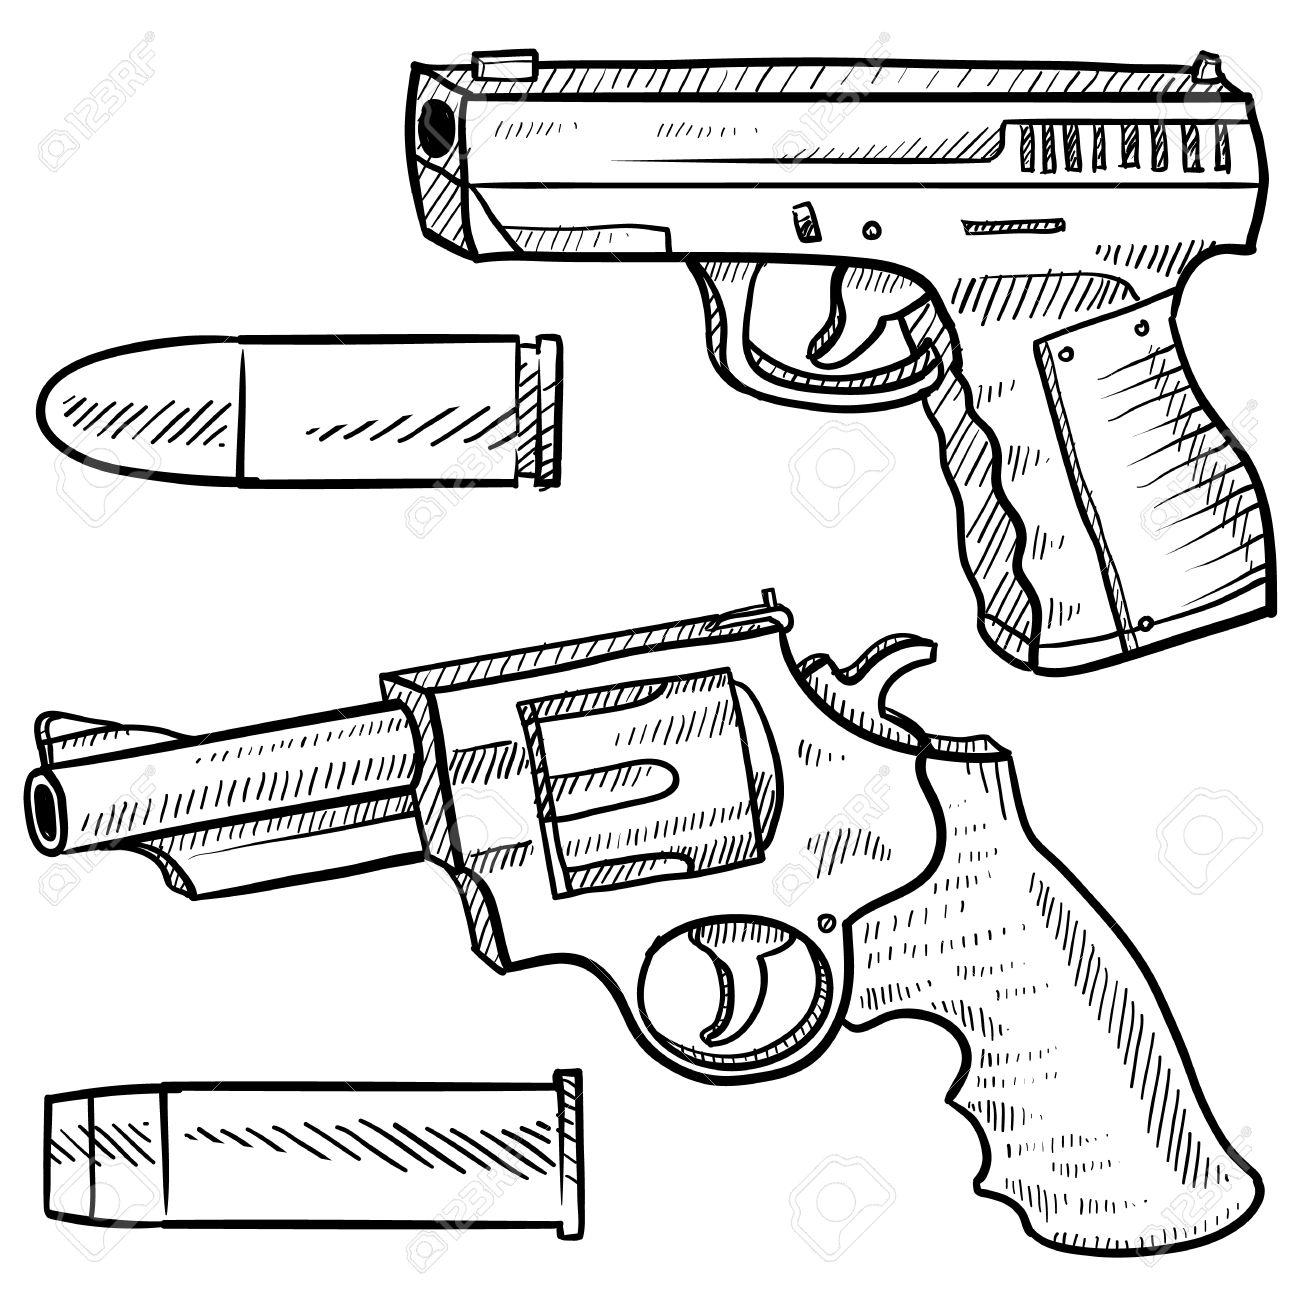 9mm bullet drawing at getdrawings com